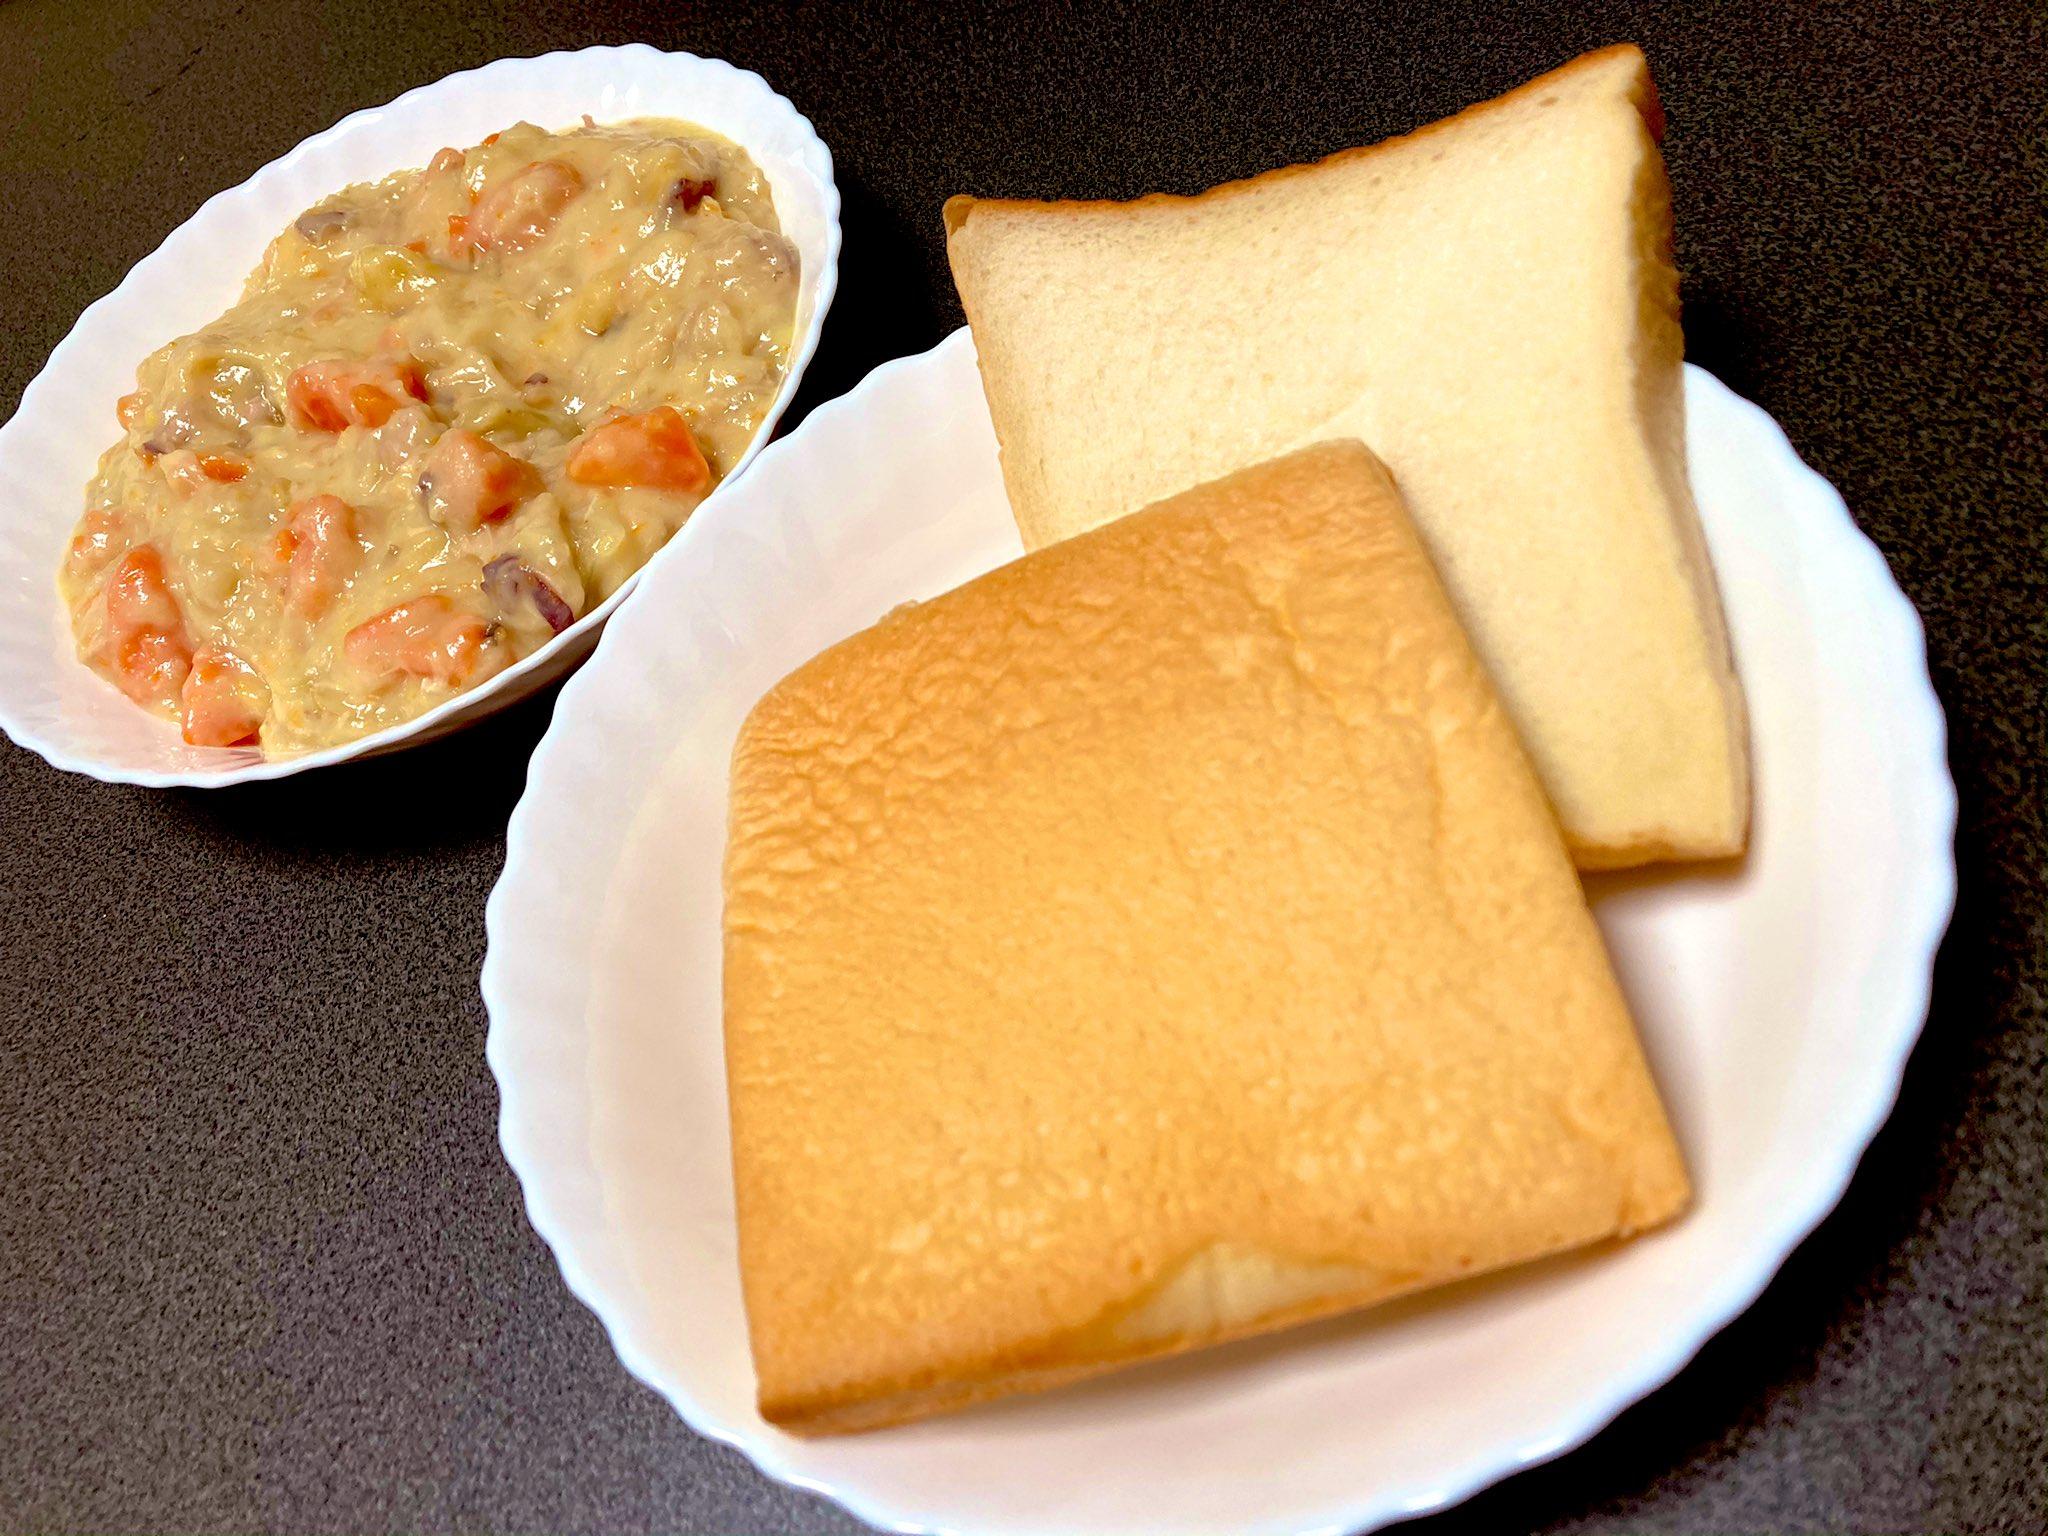 濃厚シチューと一本堂の生クリーム食パン